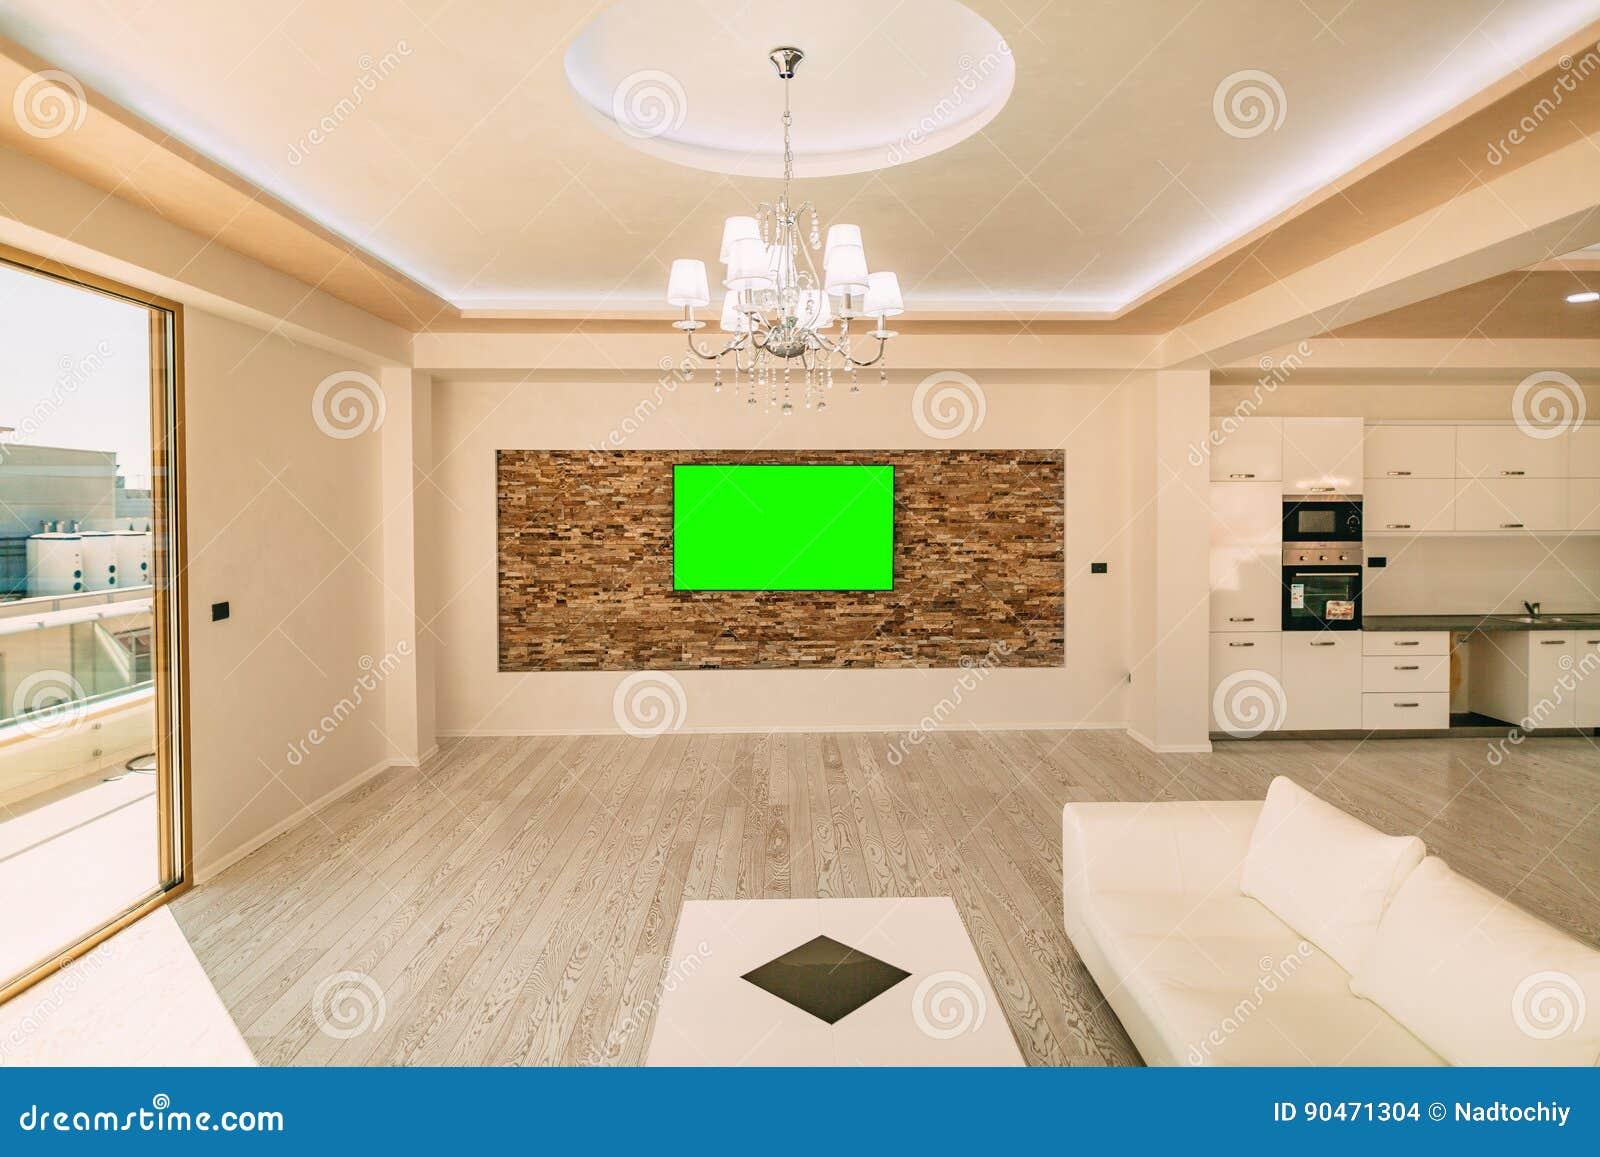 Ein Modernes LCD-Fernsehen Mit Einem Grünen Schirmhängen Stockfoto ...